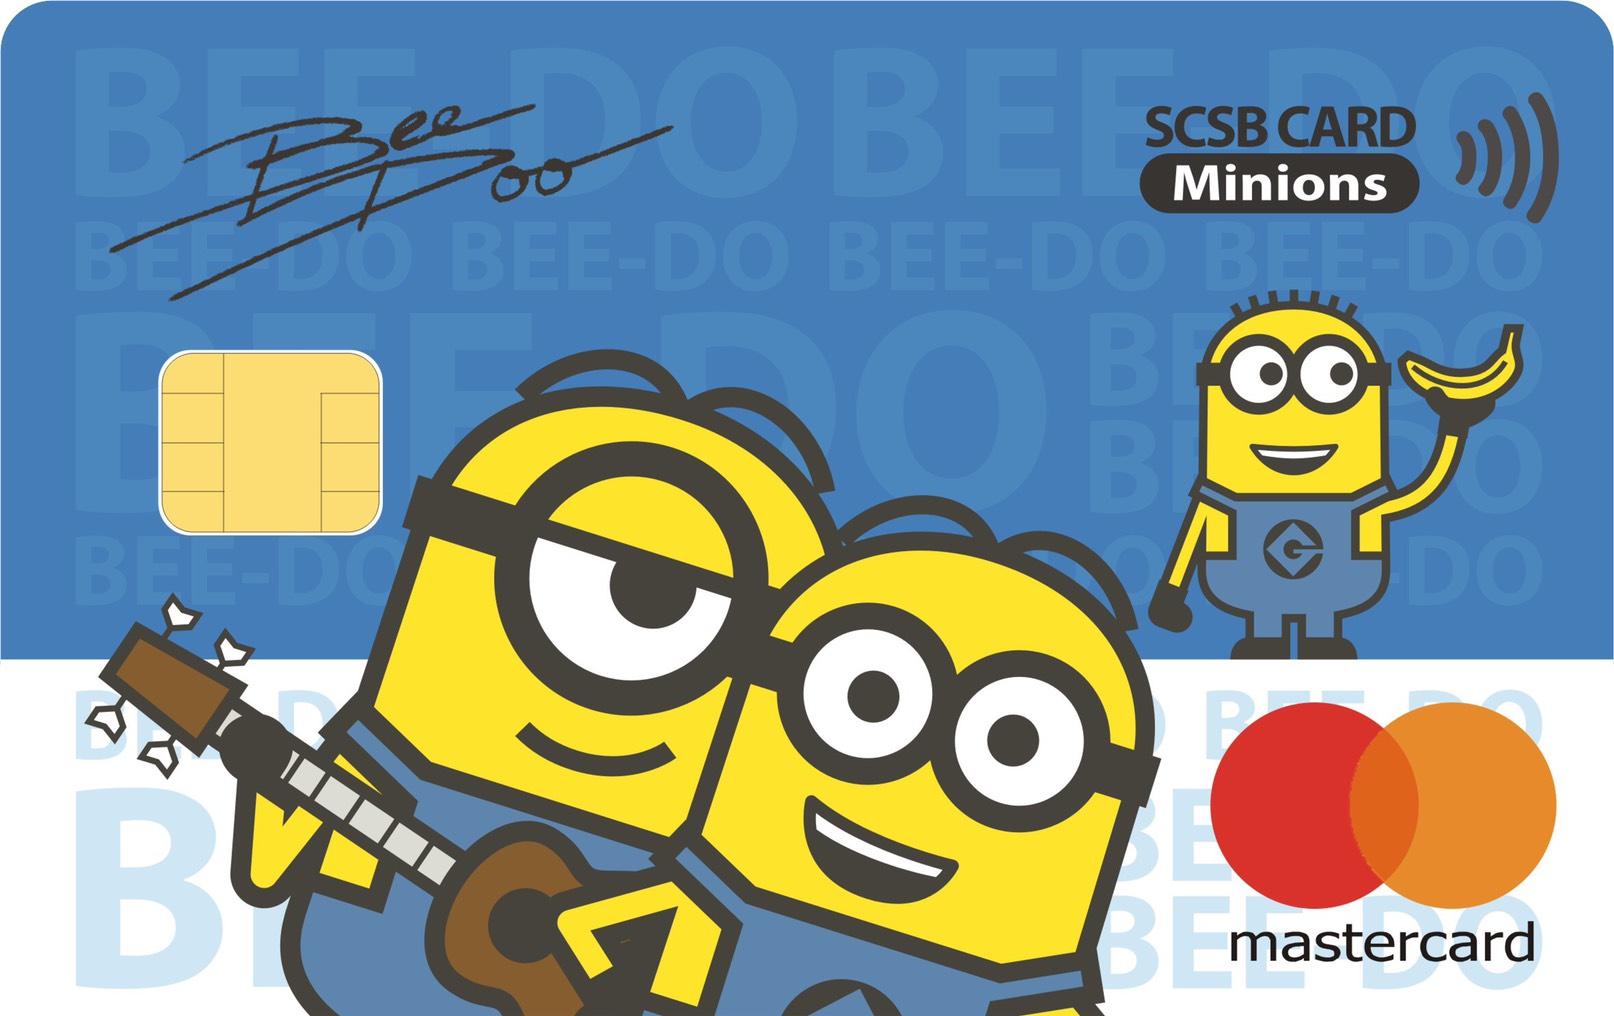 上海銀行 BeeDo 分期卡